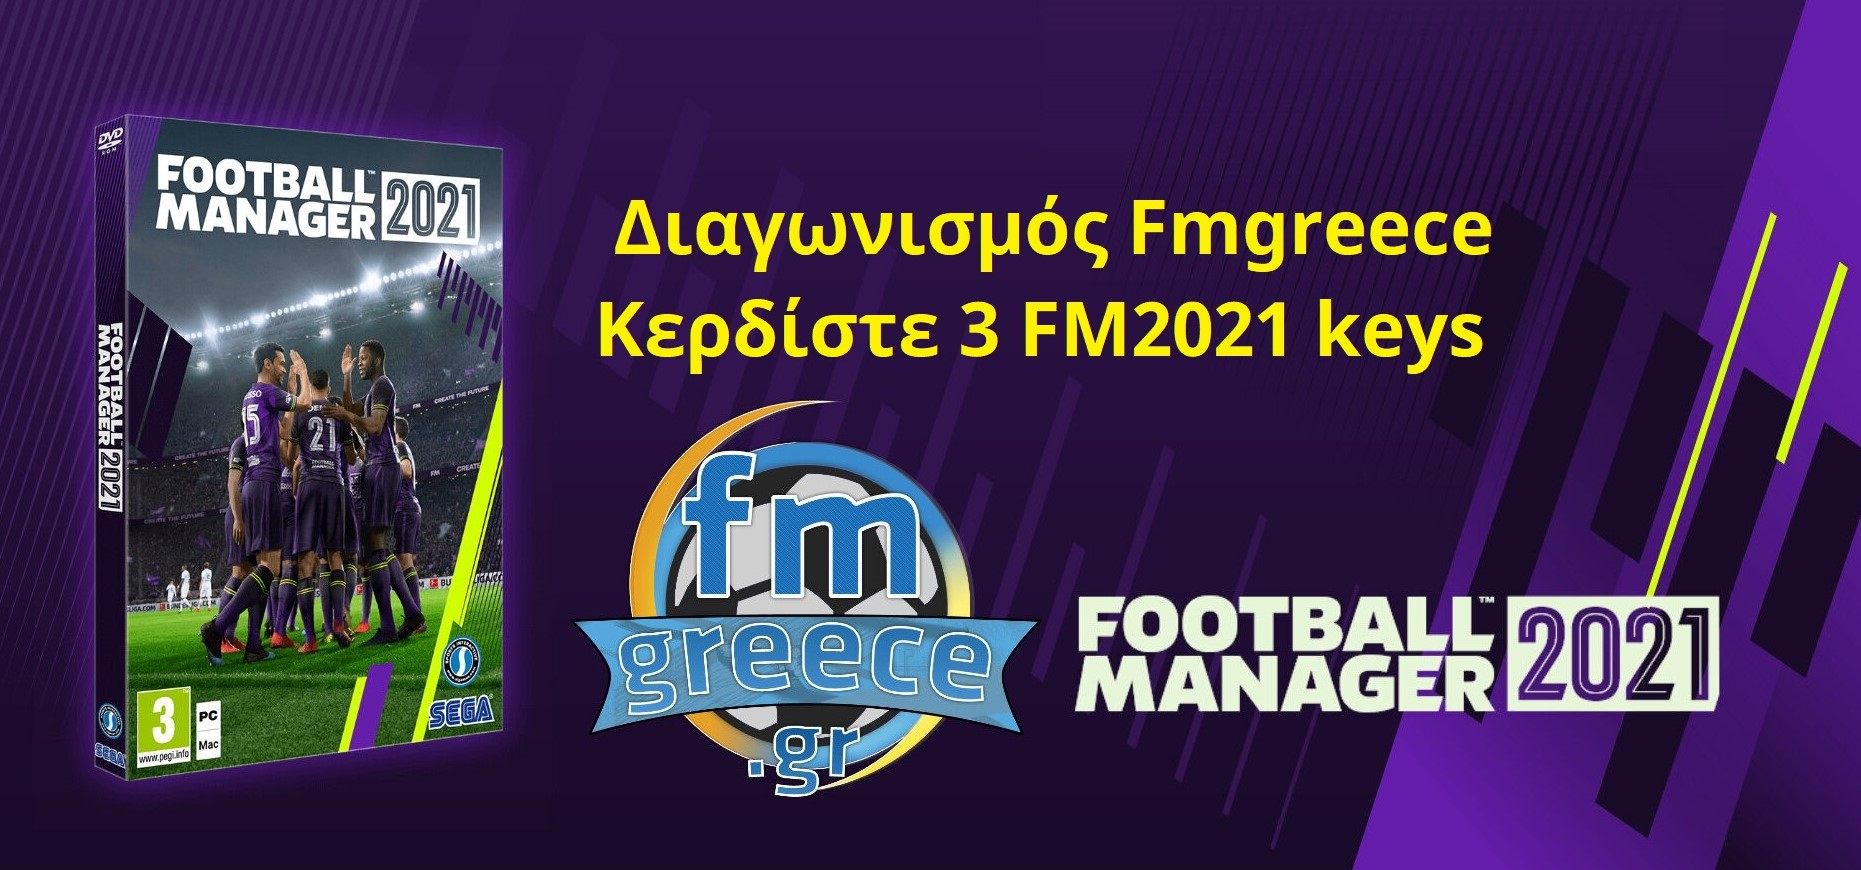 Διαγωνισμός: Κερδίστε 3 FM2021 keys [ΕΛΗΞΕ]